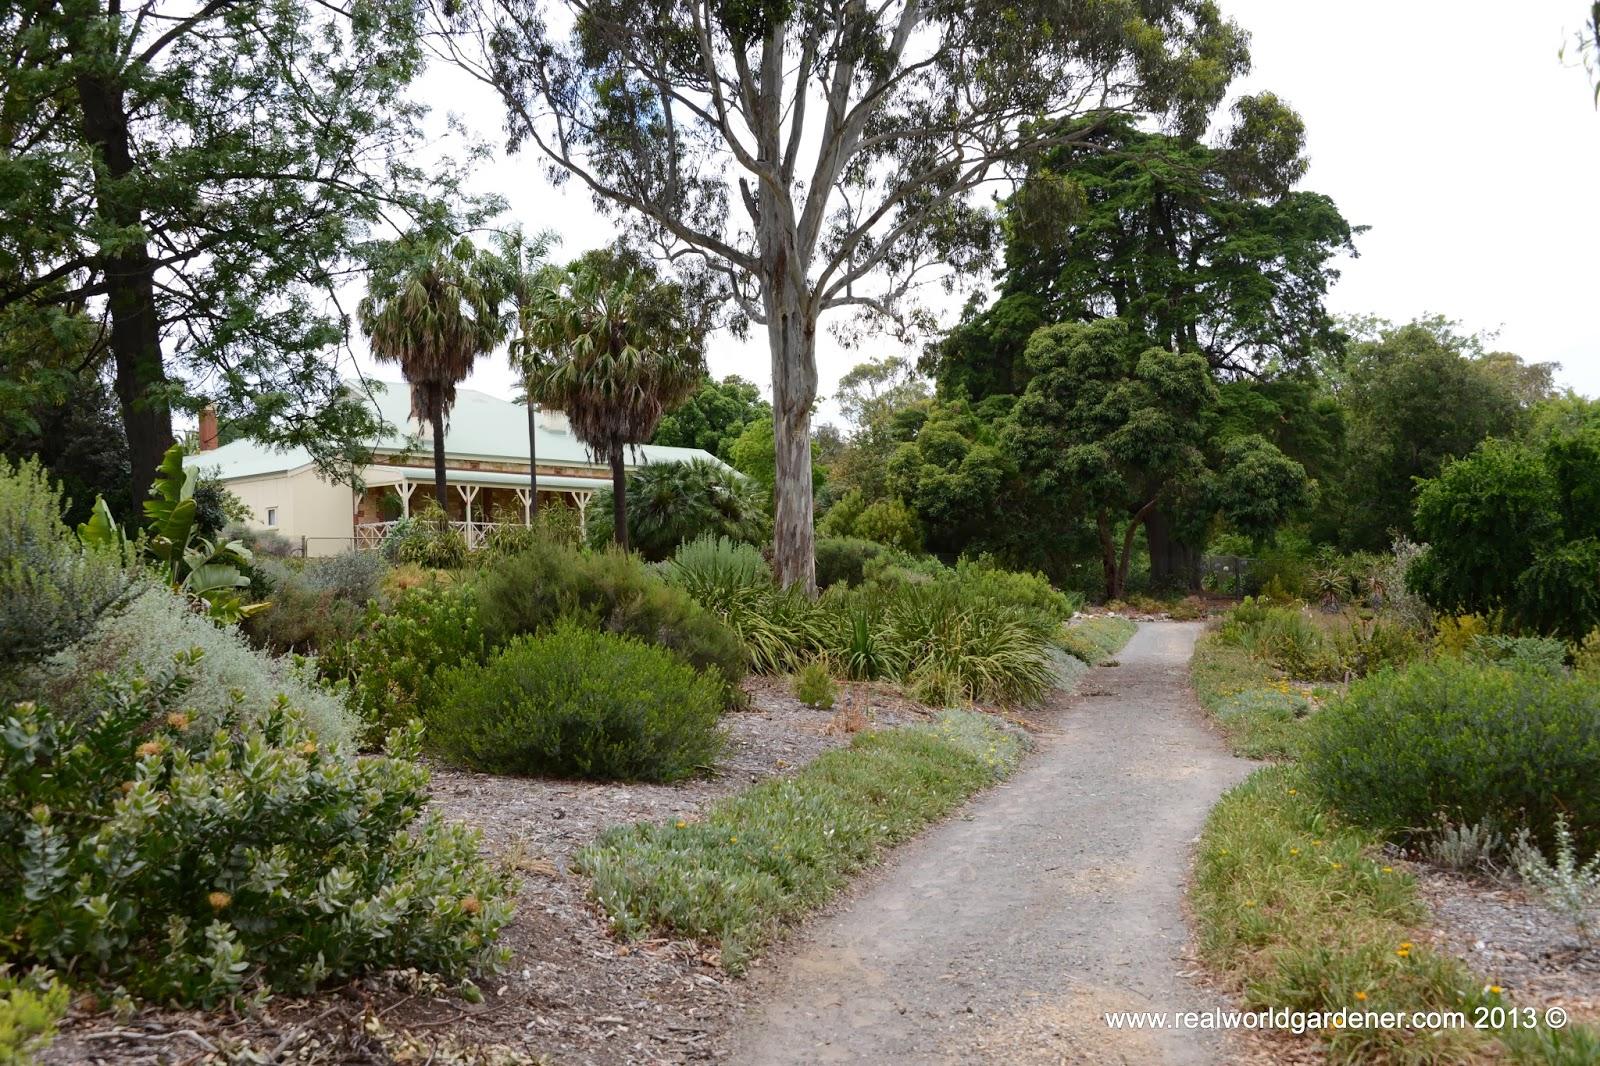 Real world gardener part 3 designing with grasses for Using ornamental grasses garden design